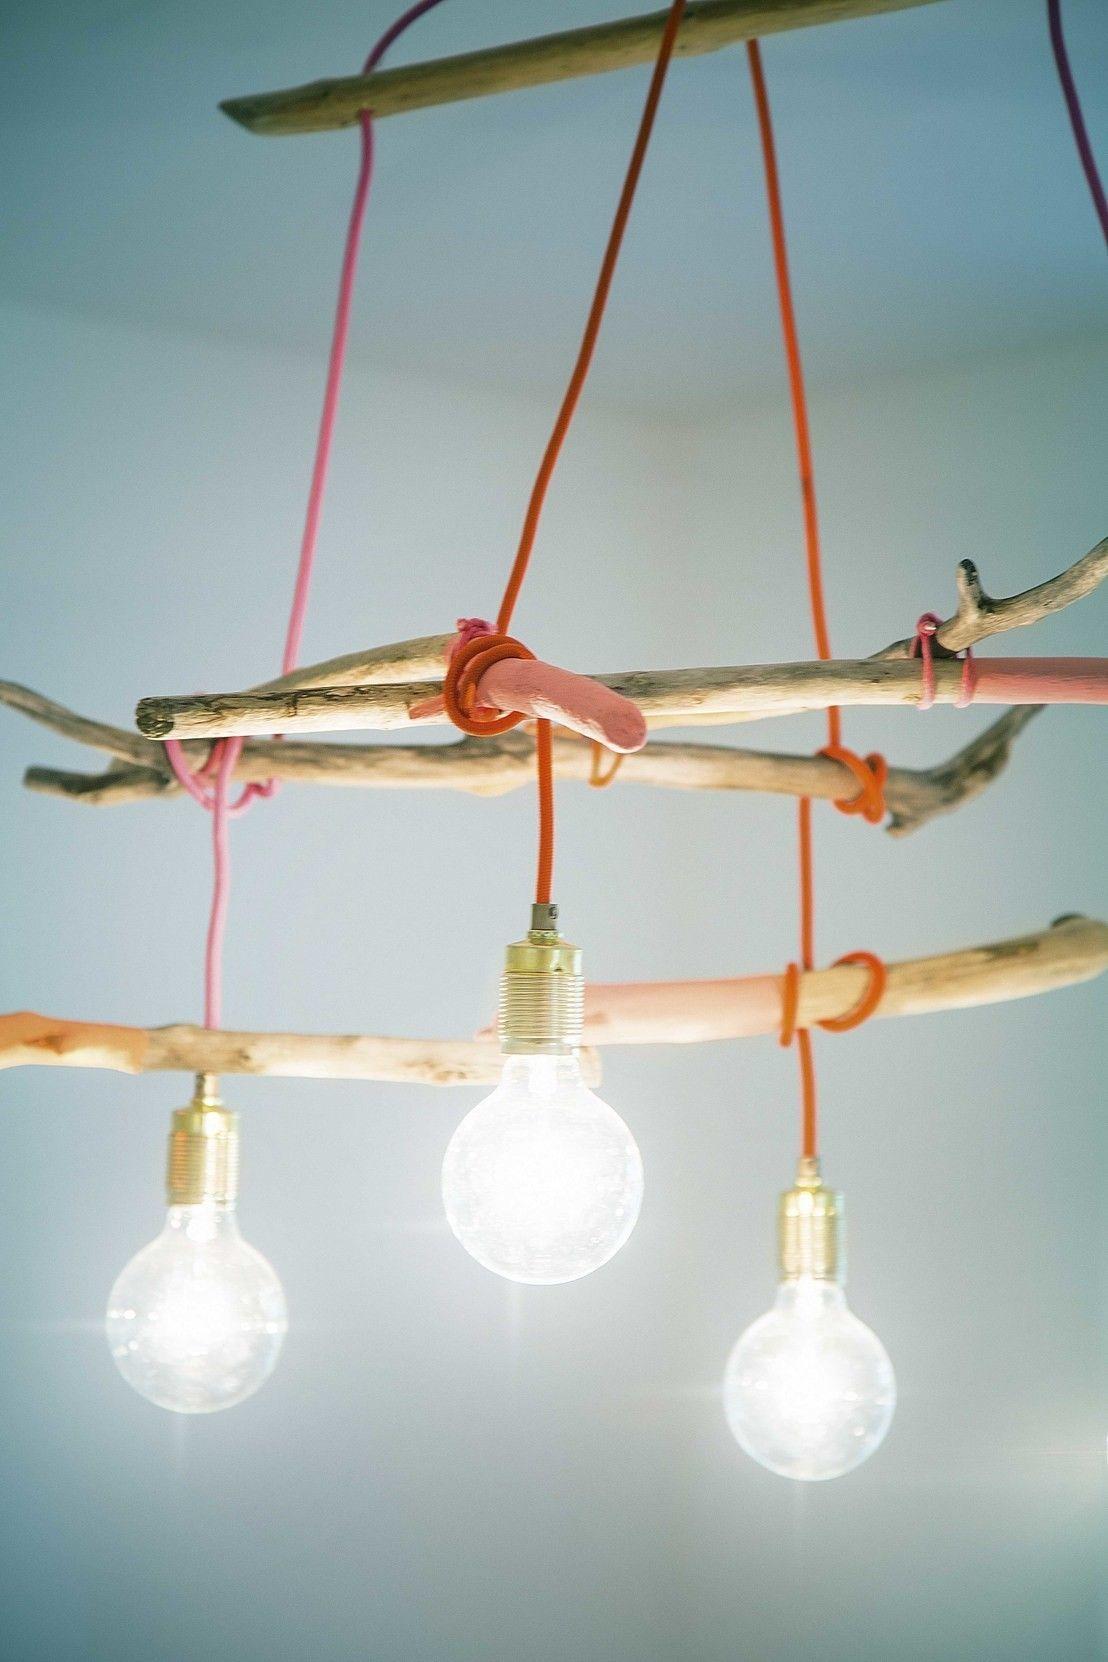 Geräumig Ausgefallene Deckenlampen Ideen Von Kreative Beleuchtungsideen Und Lampen Mit Dem Gewissen